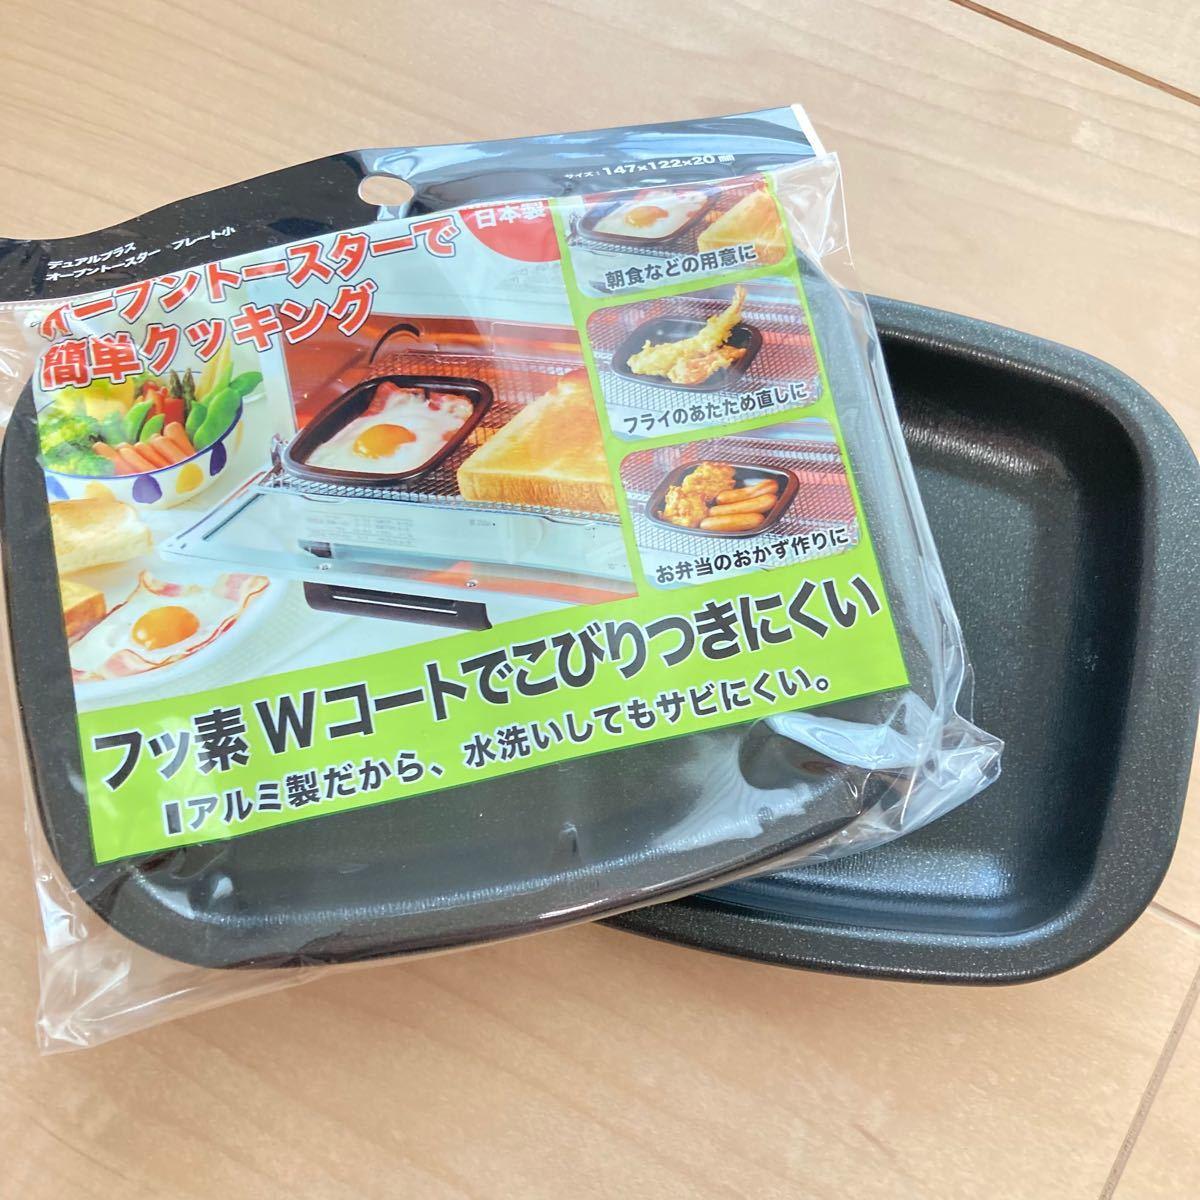 オーブントースター プレート 小 朝食 時短 キッチン キッチングッズ 簡単 温め デュアルプラス